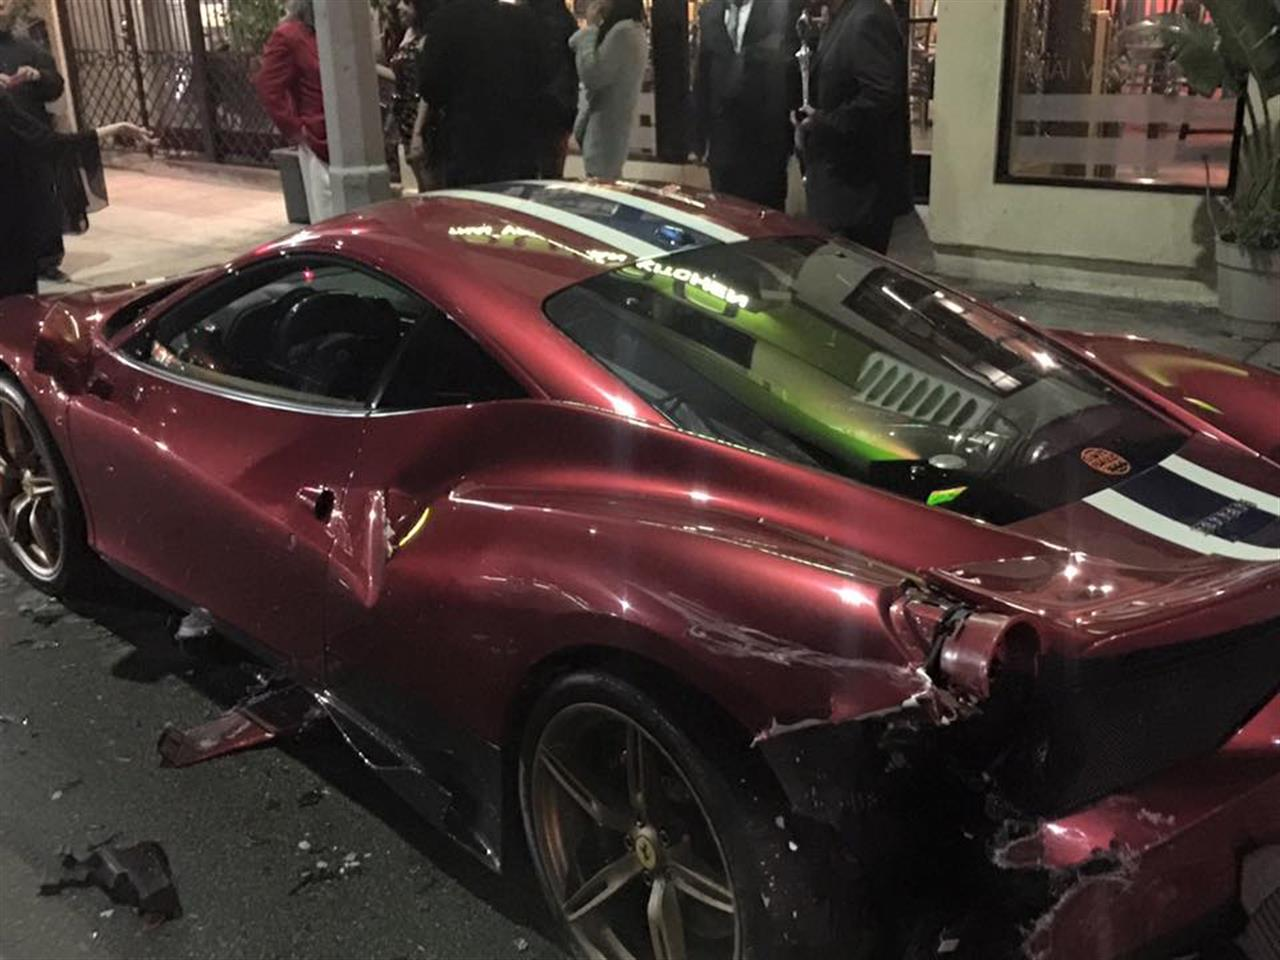 Ferrari-458-Speciale-crash-01.jpg